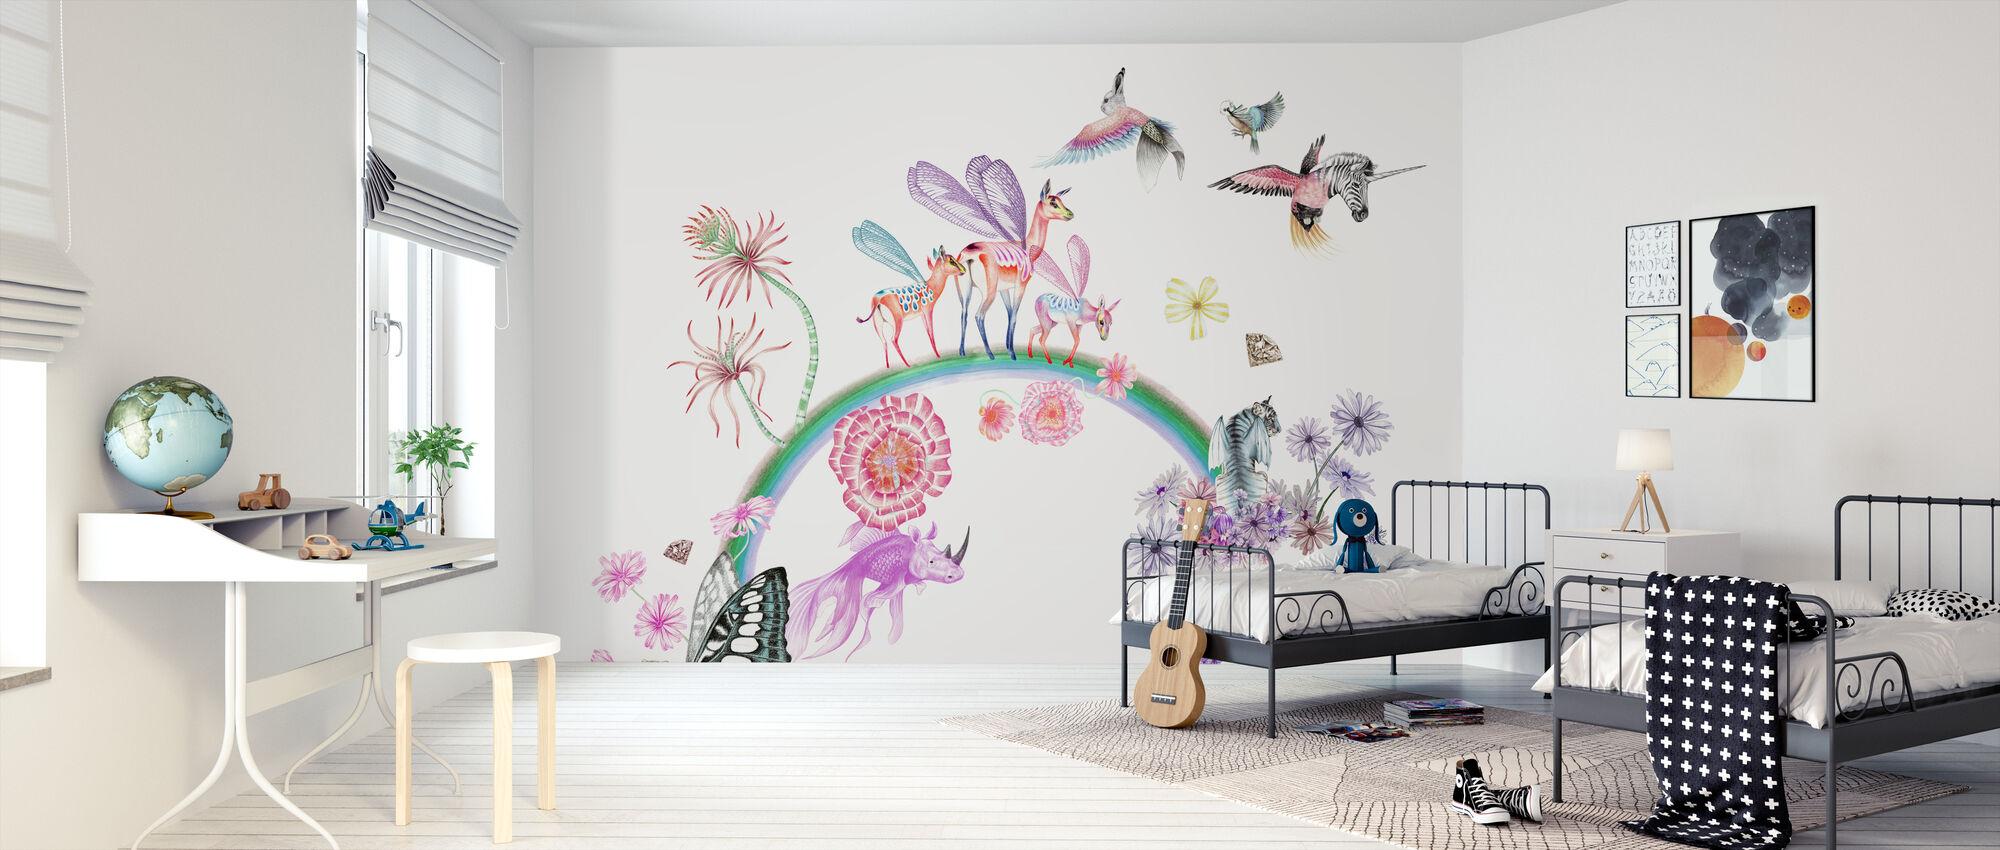 Fables-White - Wallpaper - Kids Room